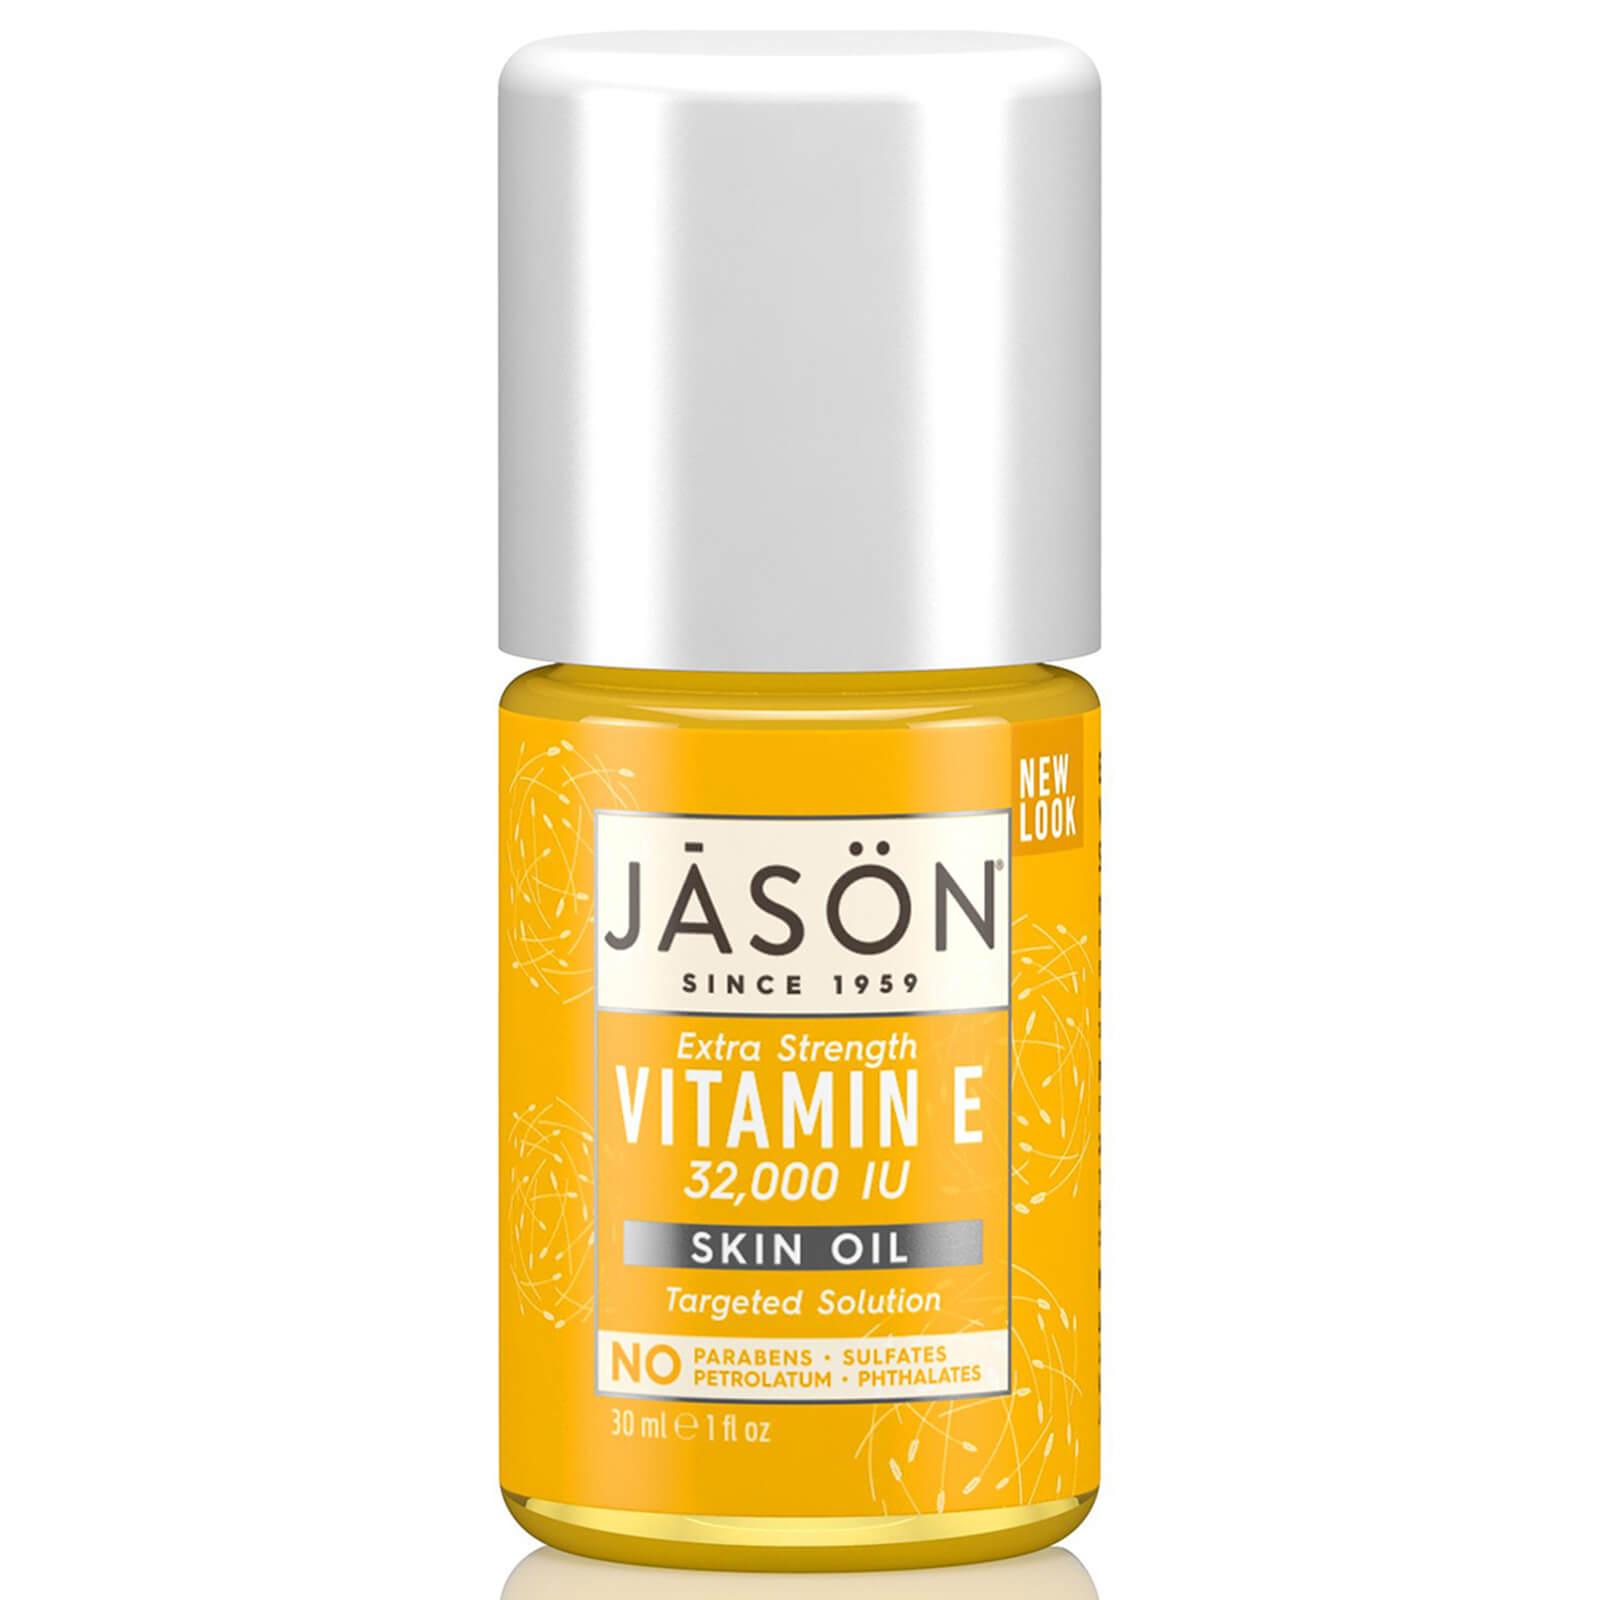 JASON Huile JASON Vitamine E 32,000iu - Traitement contre les cicatrices et les vergetures 30ml